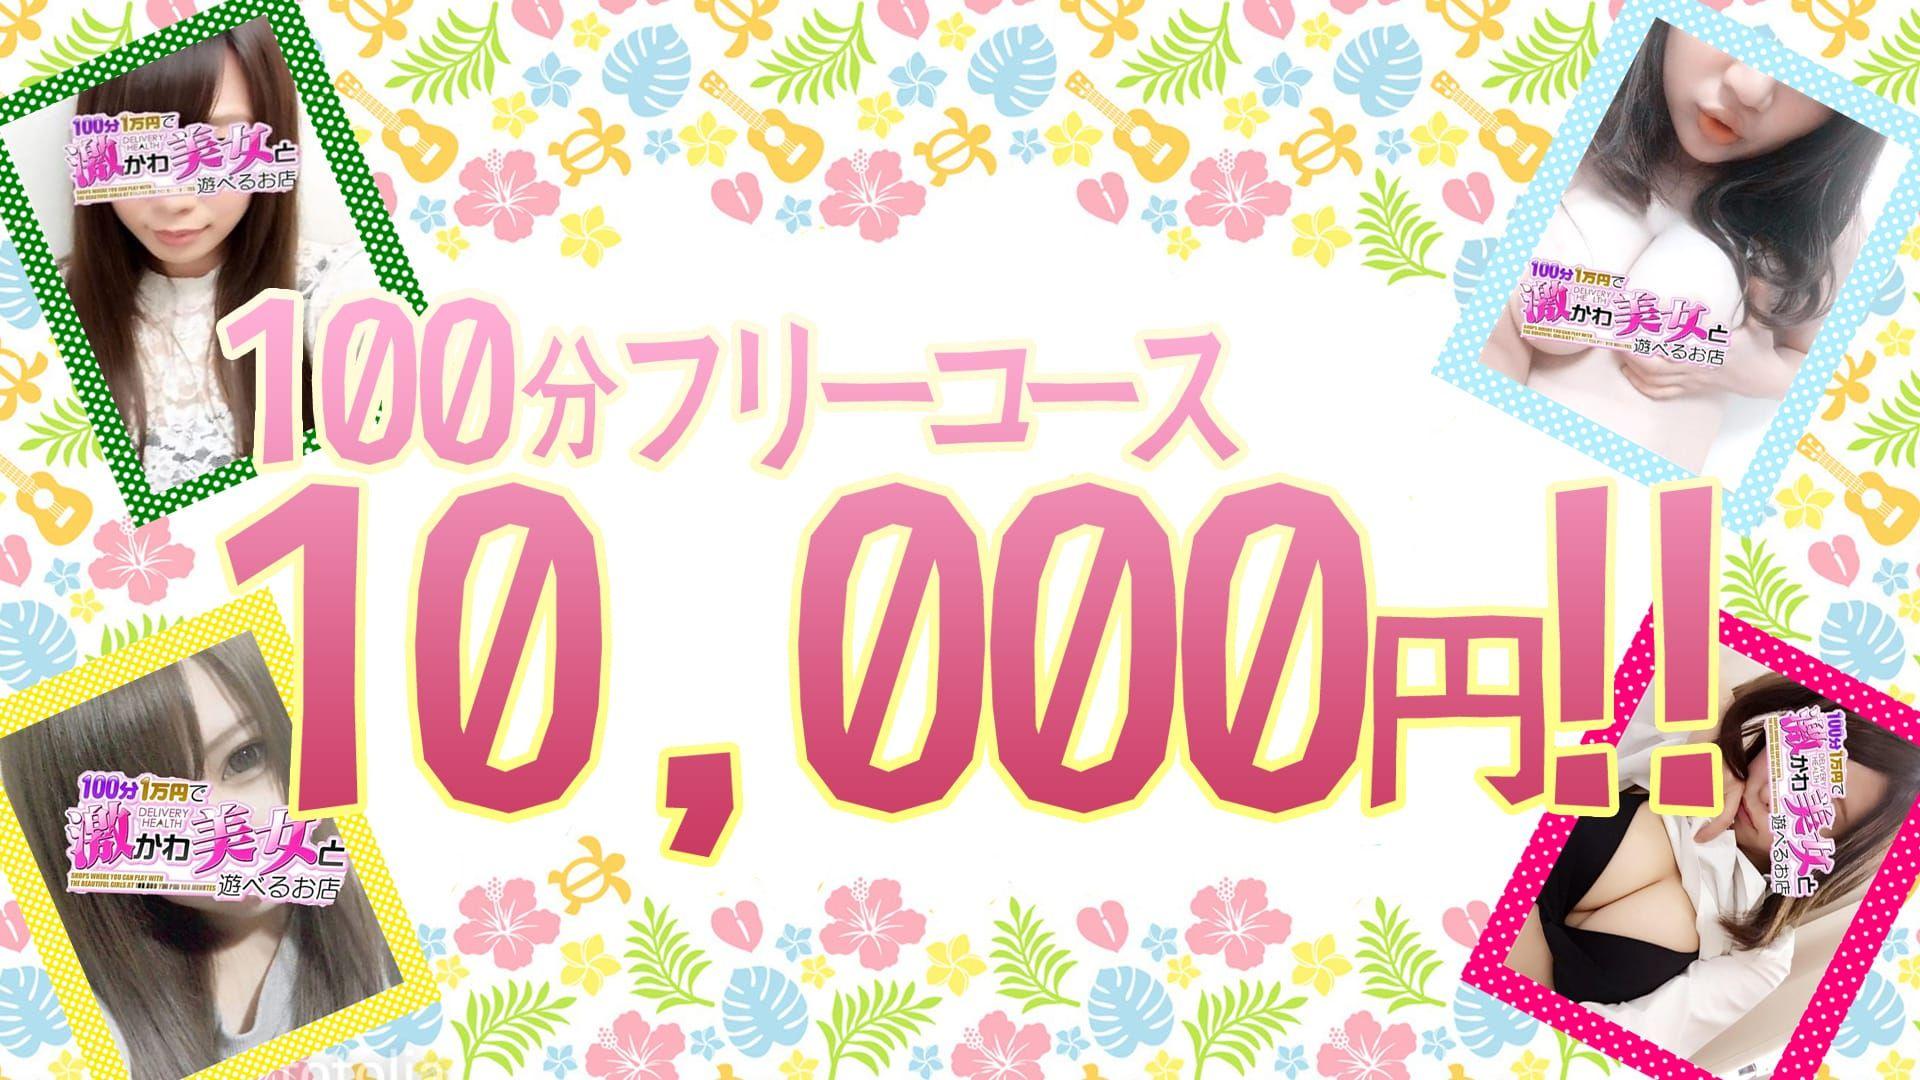 100分1万円で激かわ美女と遊べるお店